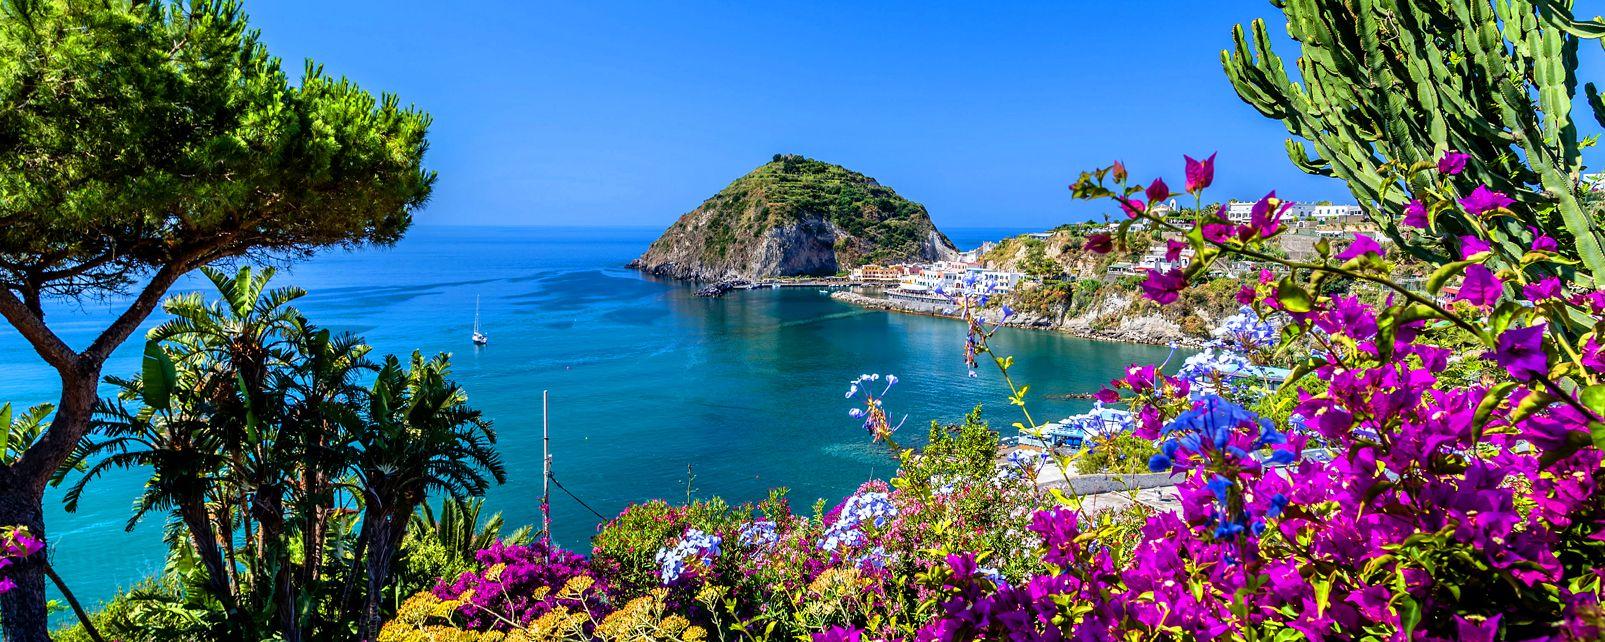 Ischia , Italy